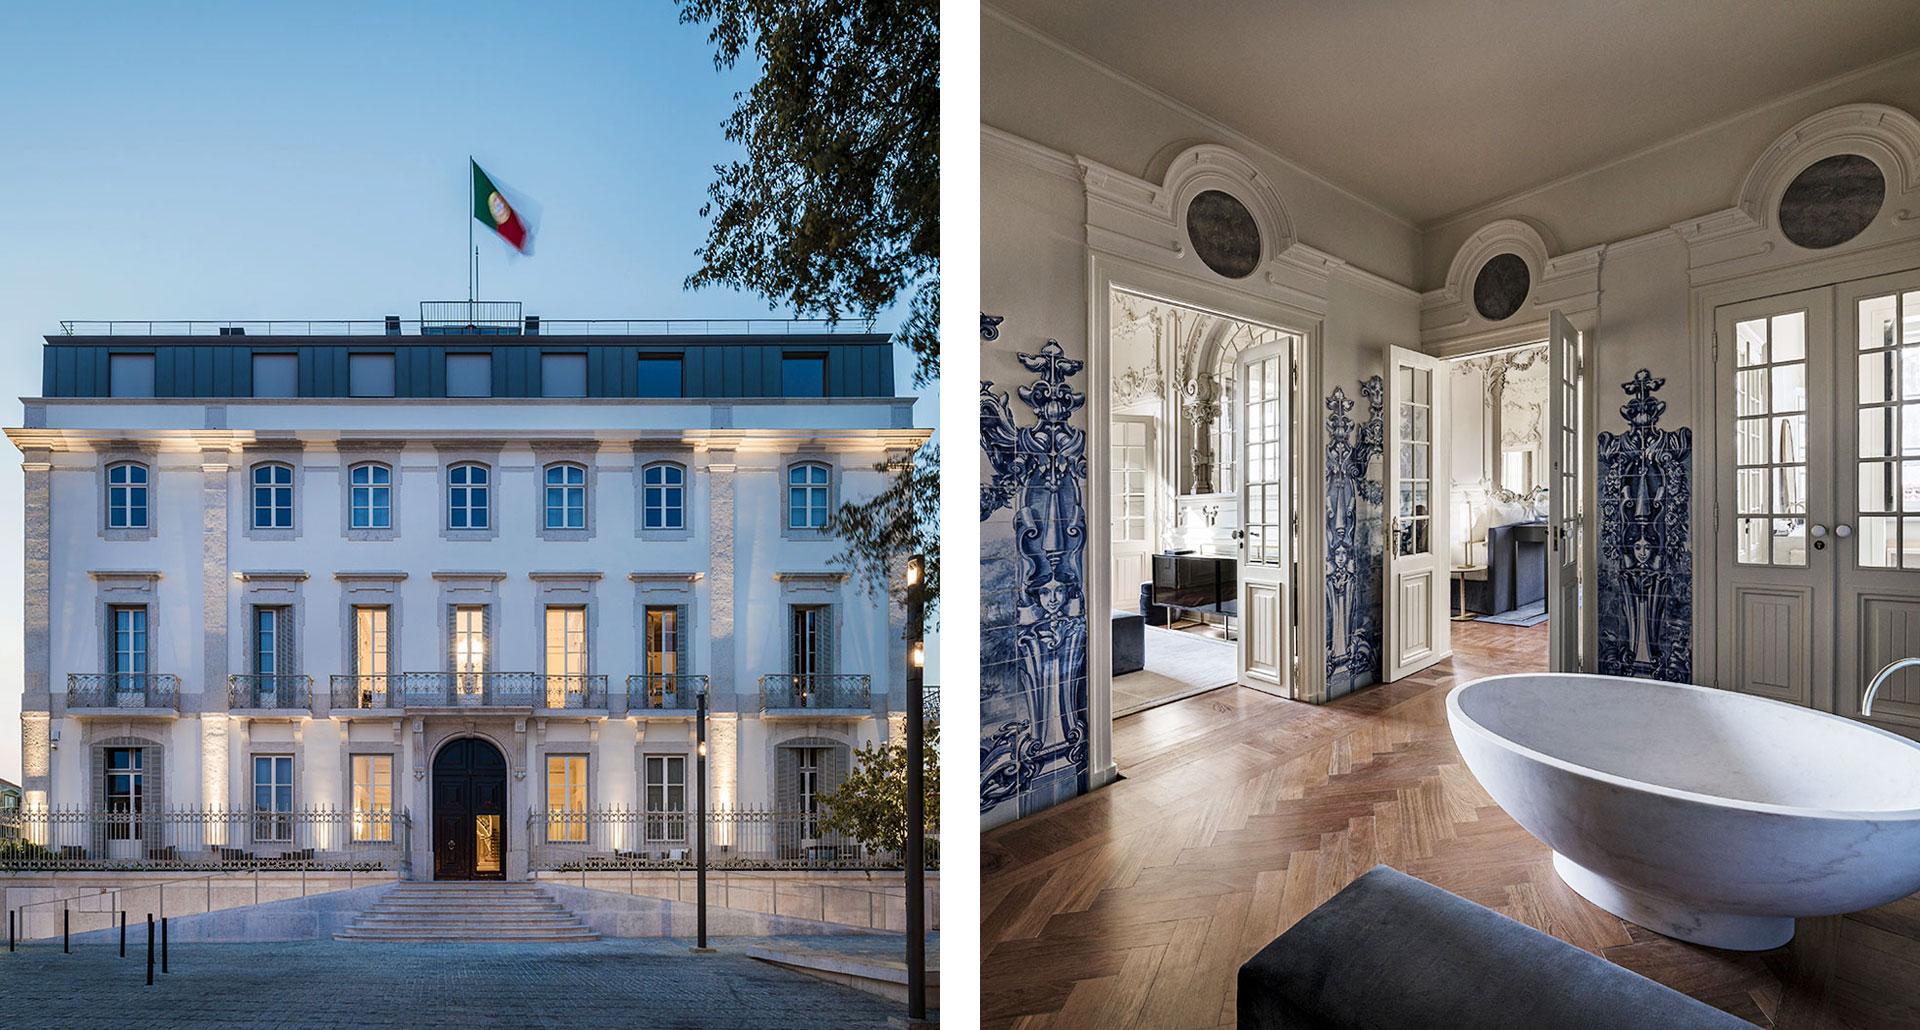 Verride Palacio Santa Caterina - boutique hotel in Lisbon